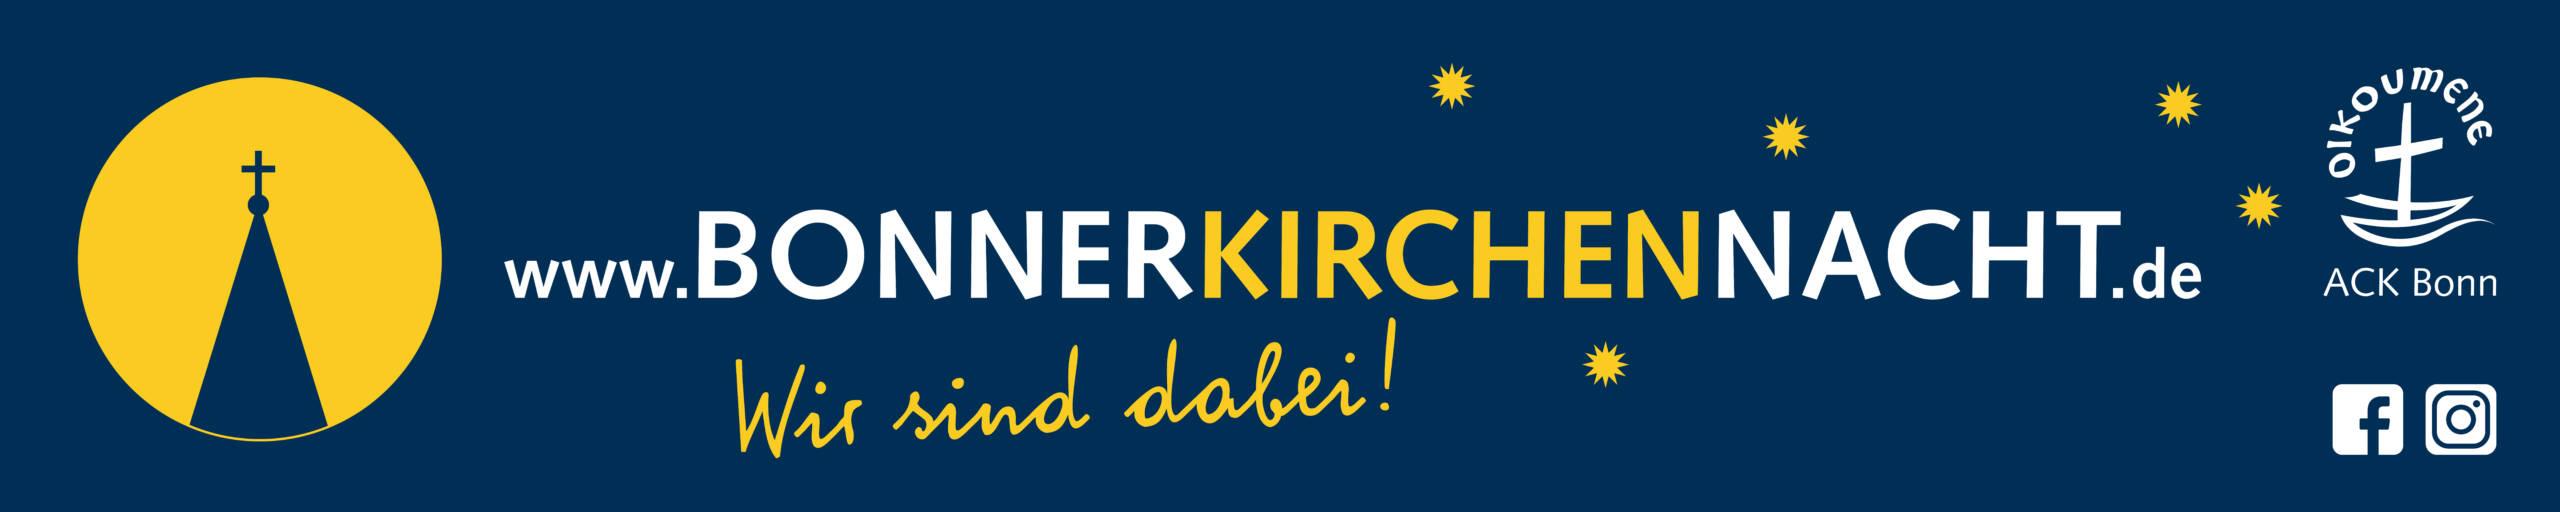 Banner der Kirchennacht